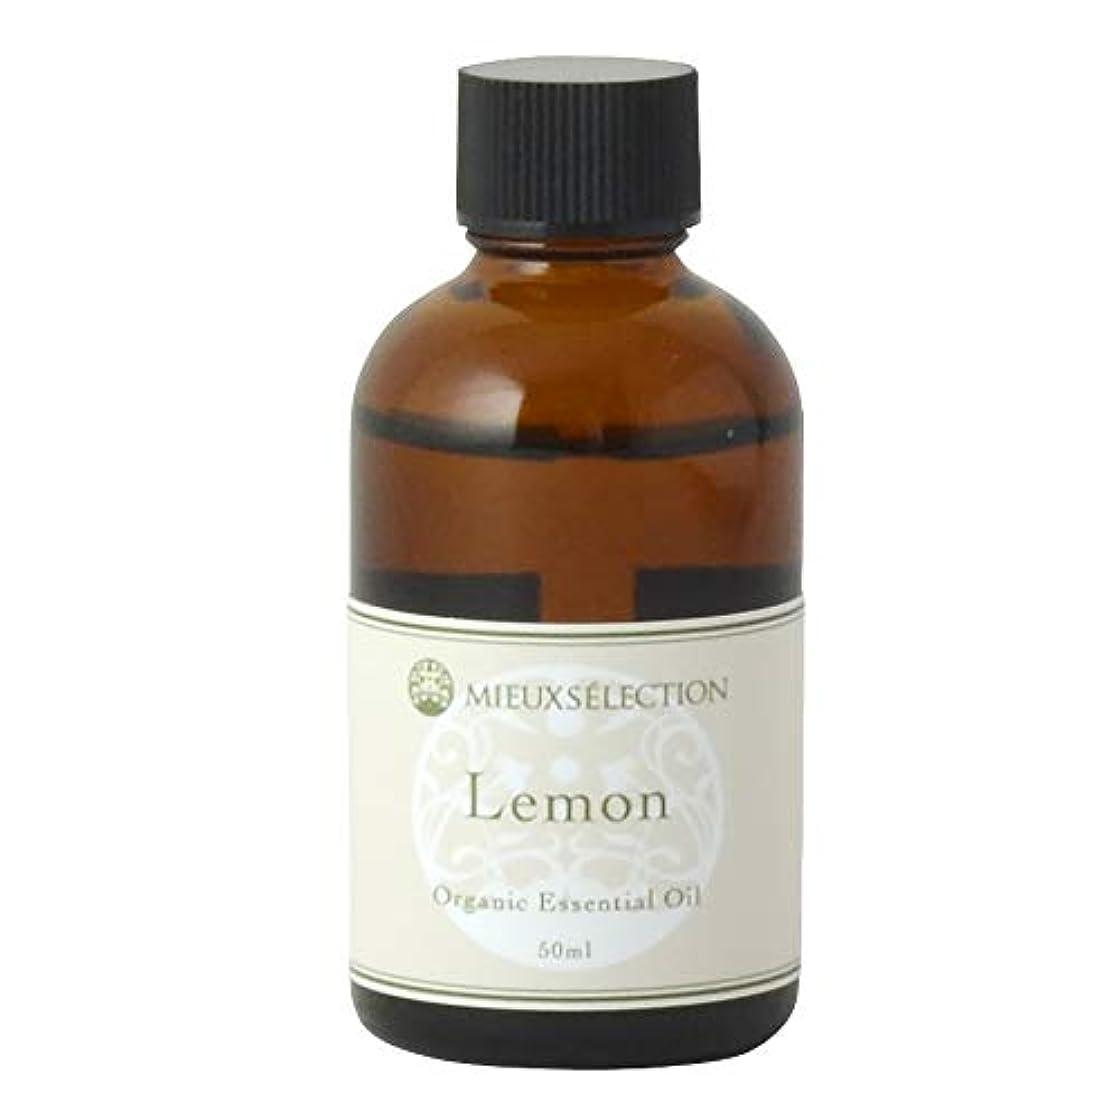 間違い素敵なとらえどころのないオーガニックエッセンシャルオイル レモン 50ml